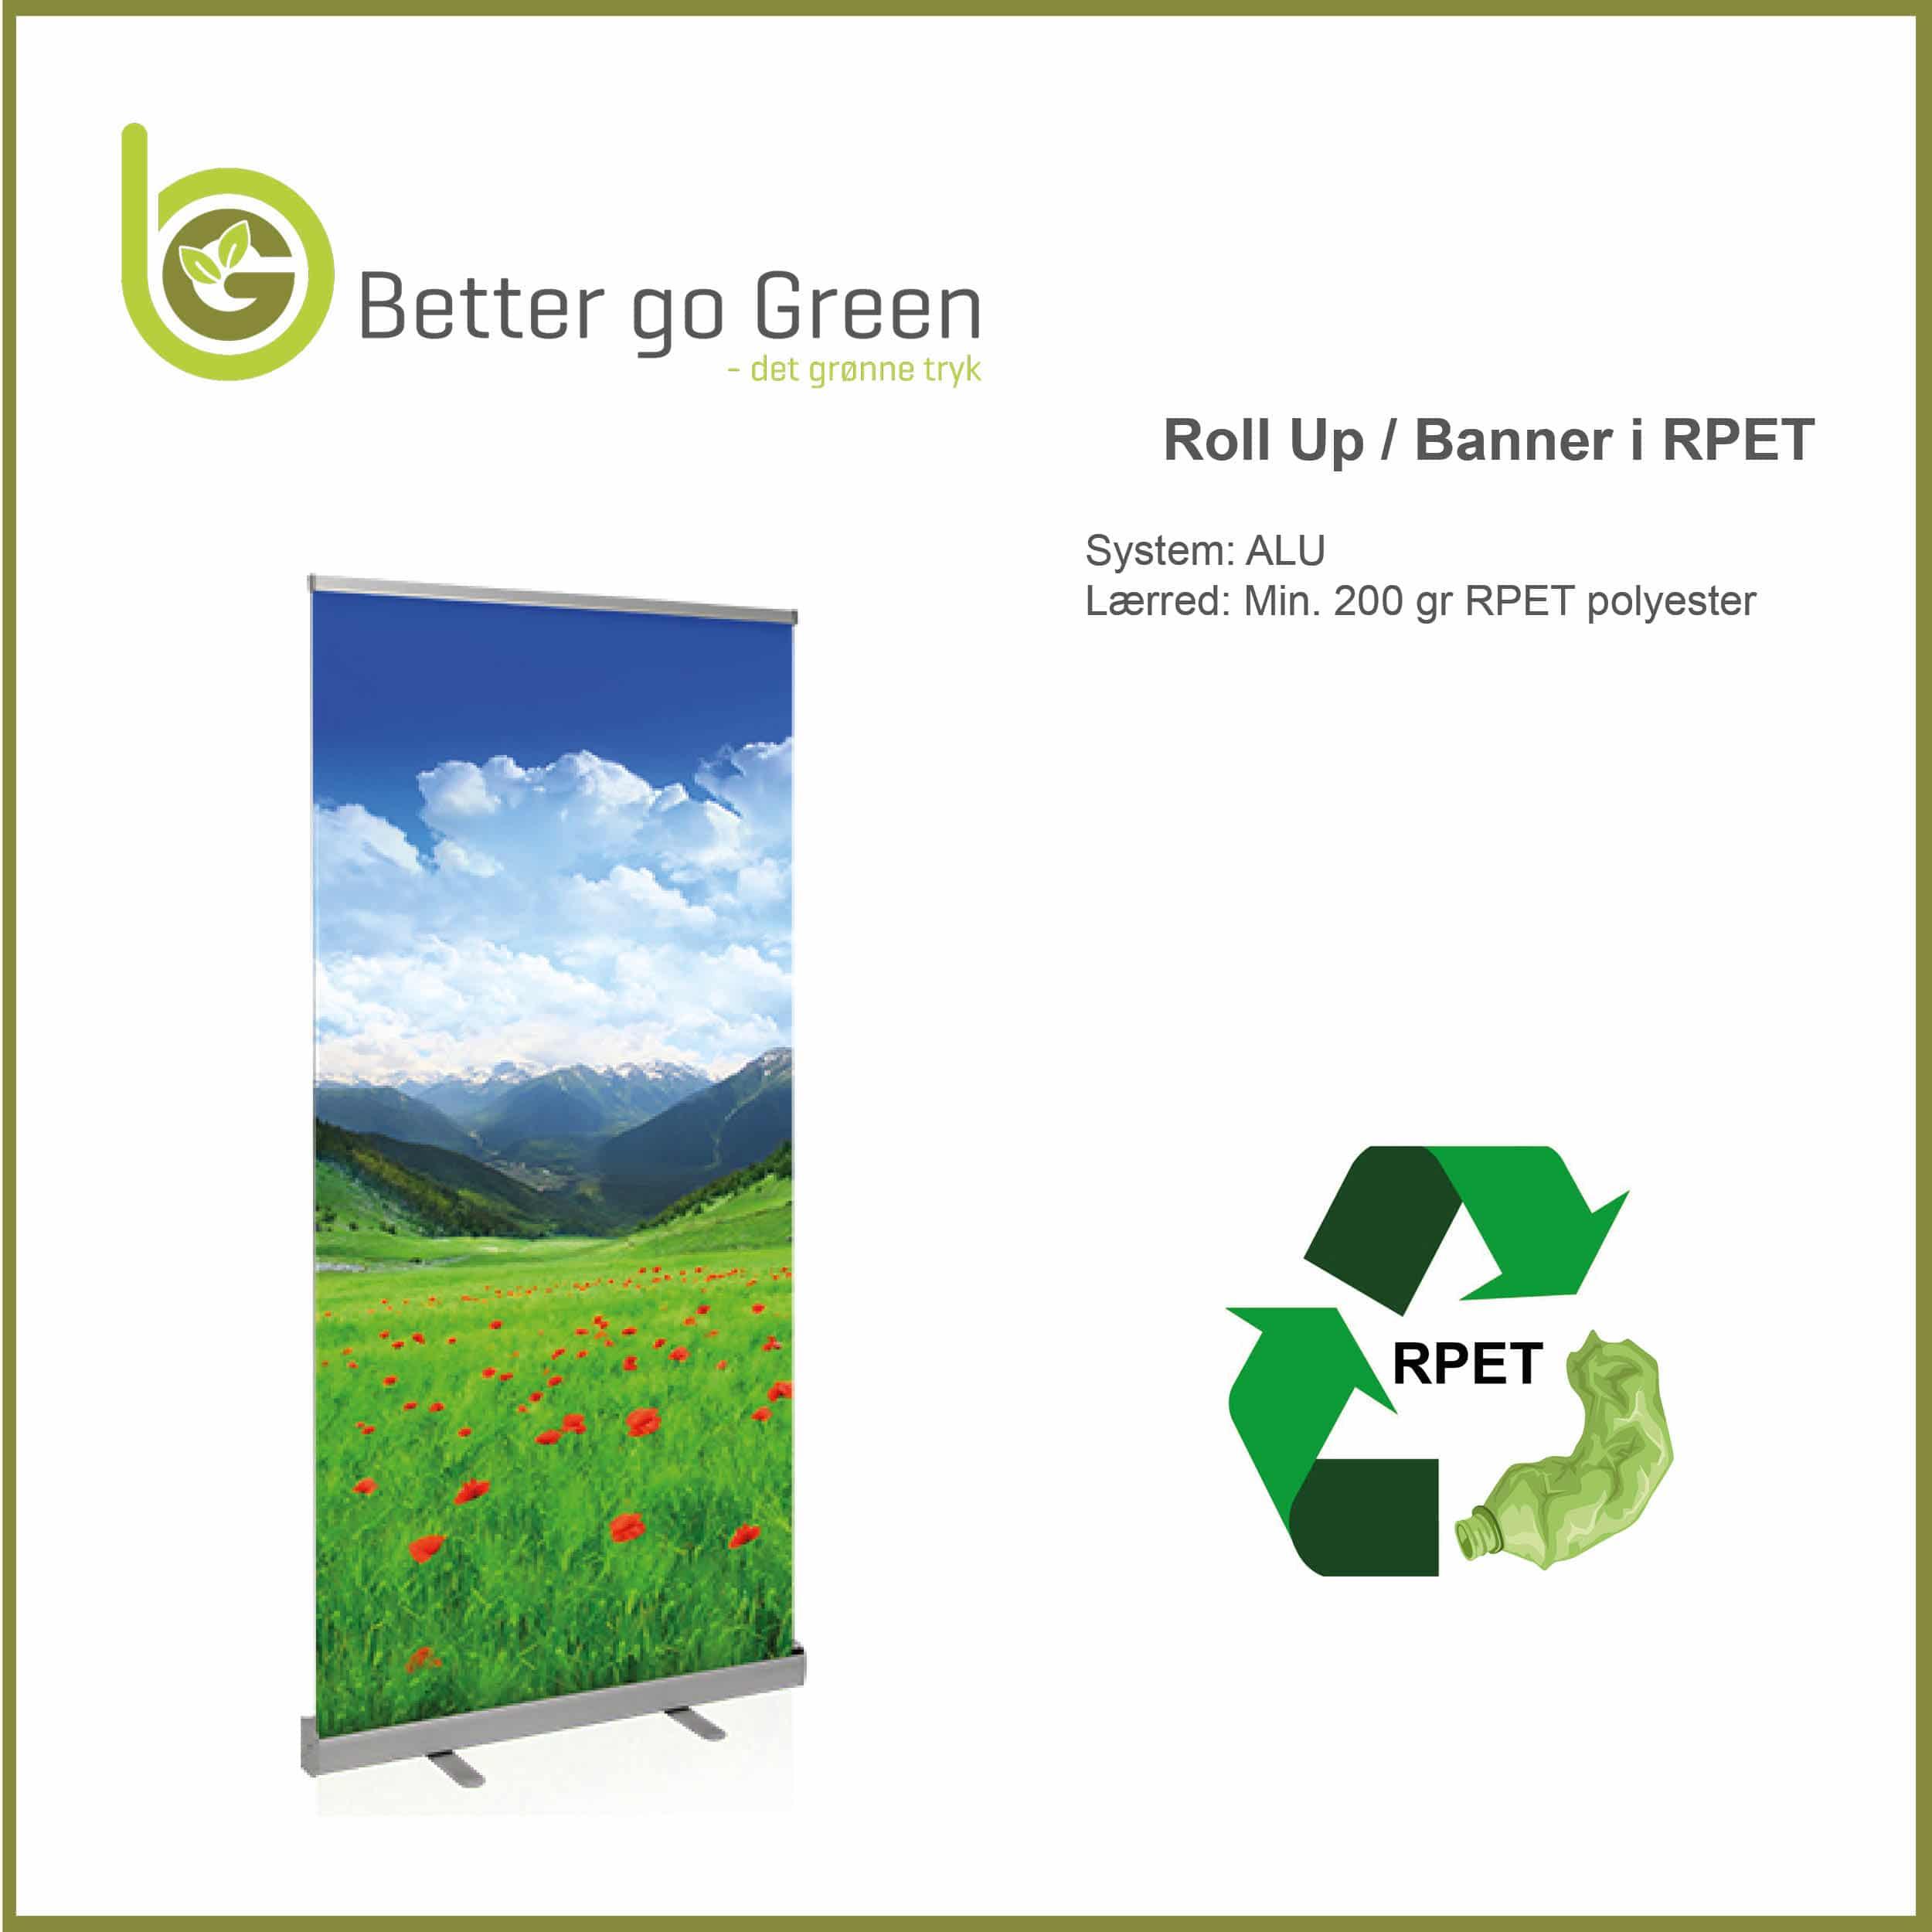 PREMIUM Roll Up med banner af RPET, genanvendt plast, BetterGoGreen.dk